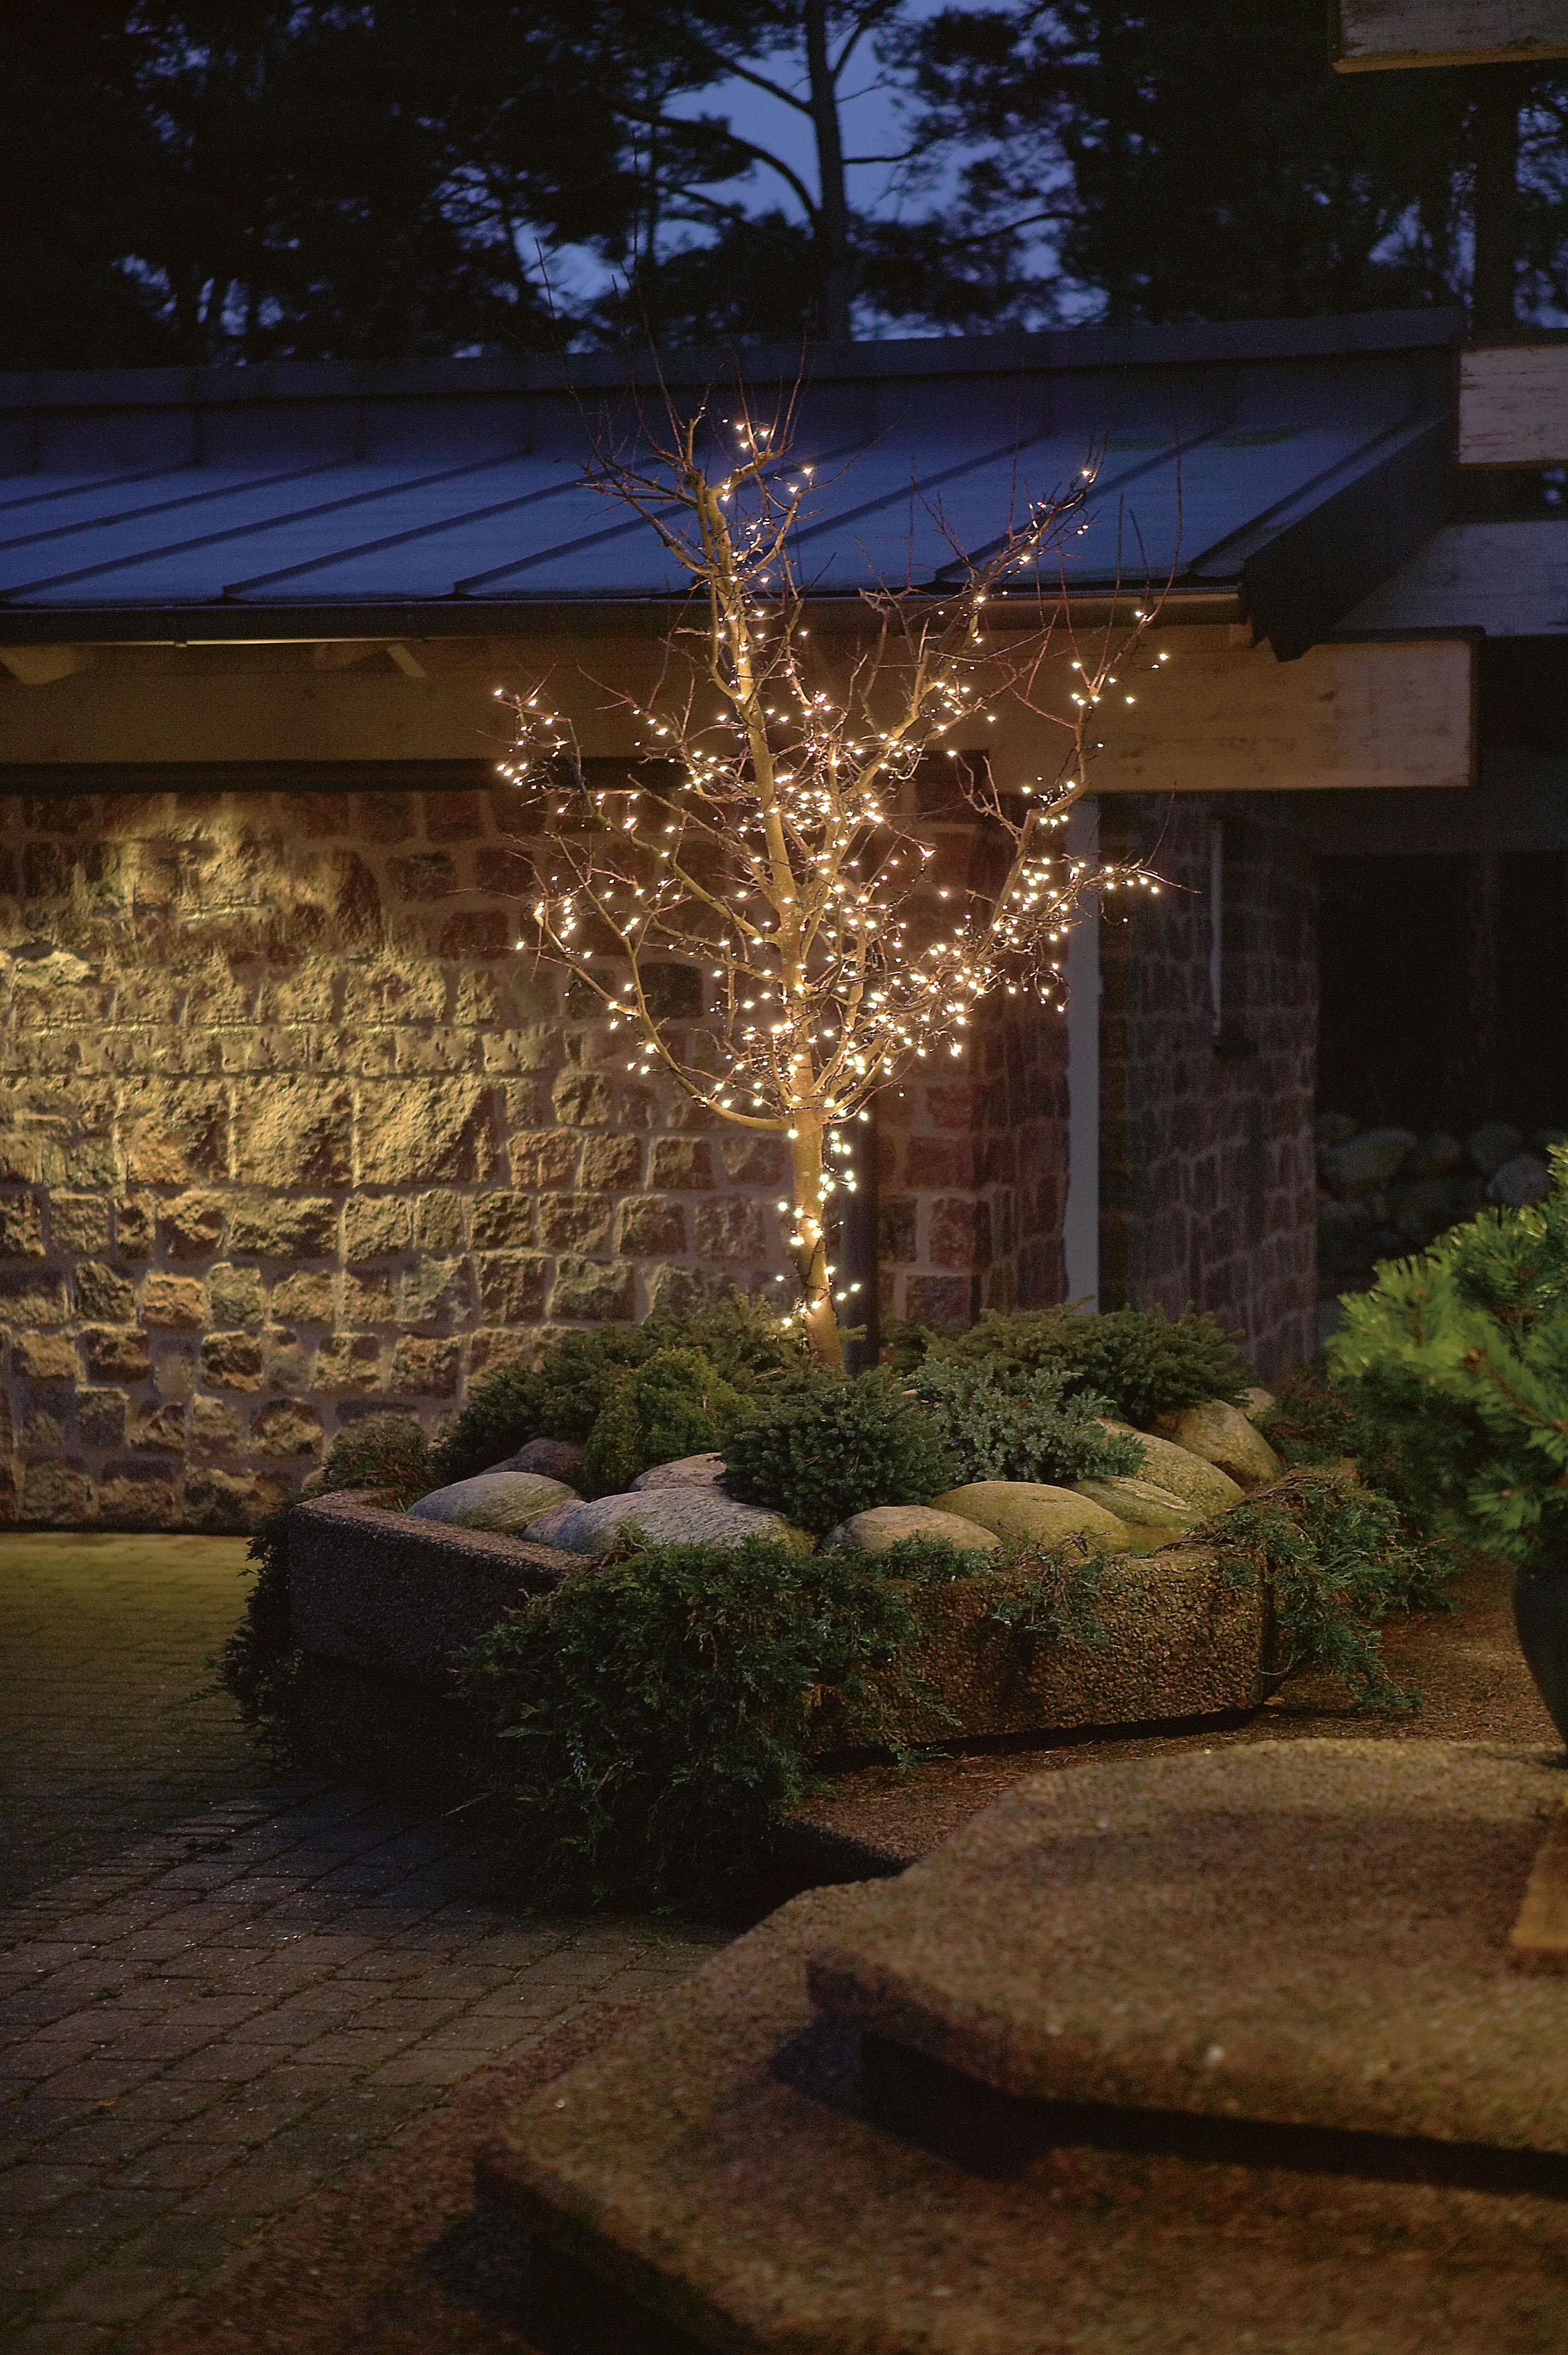 KONSTSMIDE LED Dekolicht, Warmweiß, Microlight Lichterkette günstig online kaufen